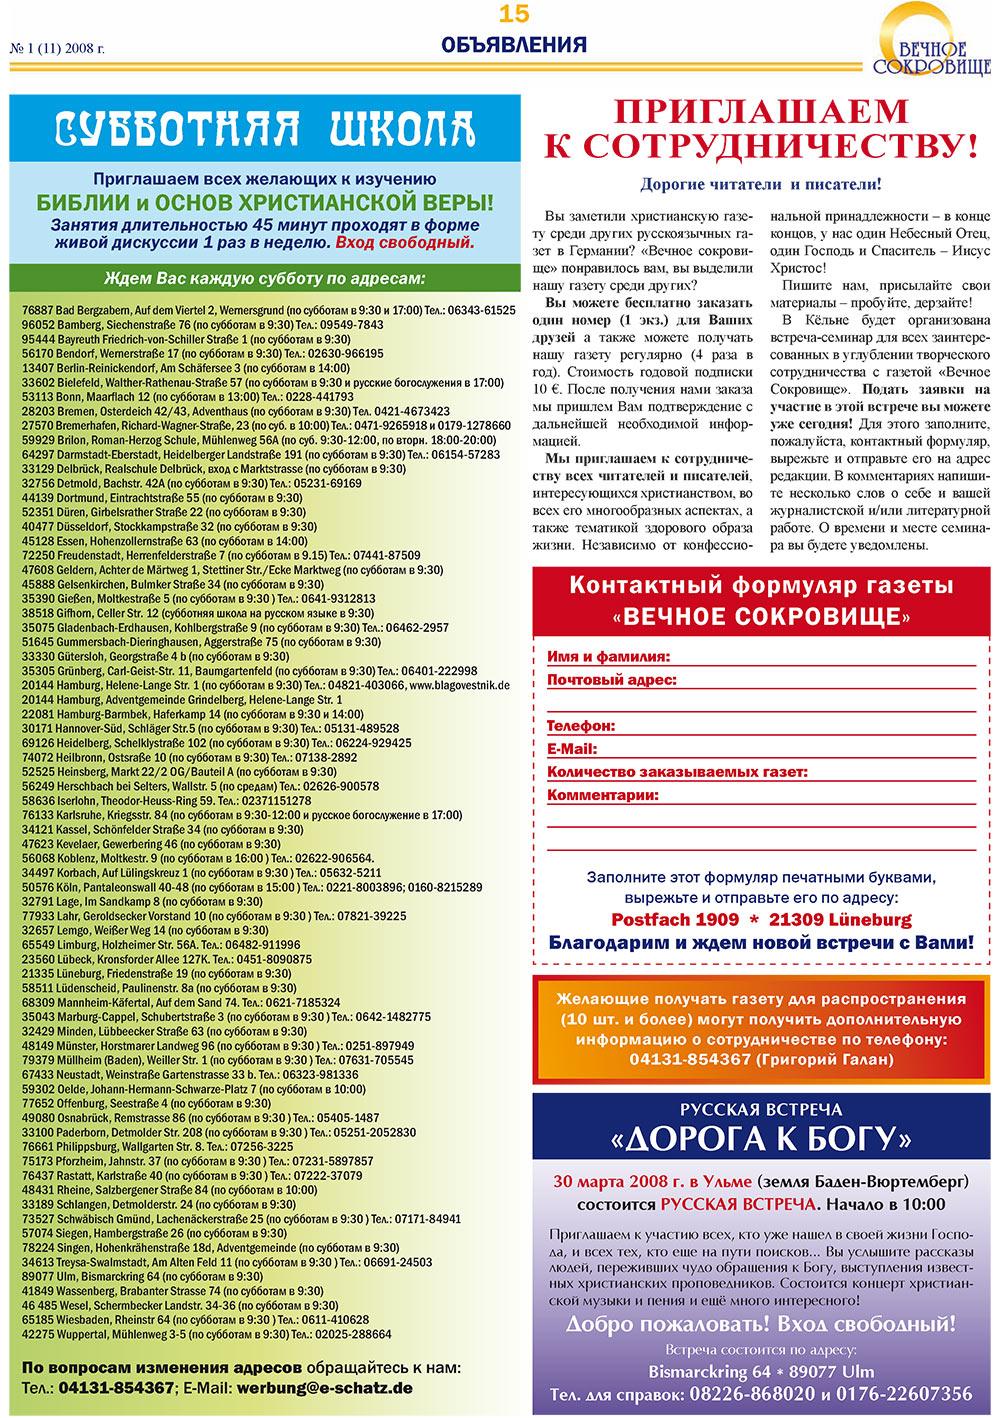 Вечное сокровище (газета). 2008 год, номер 1, стр. 15